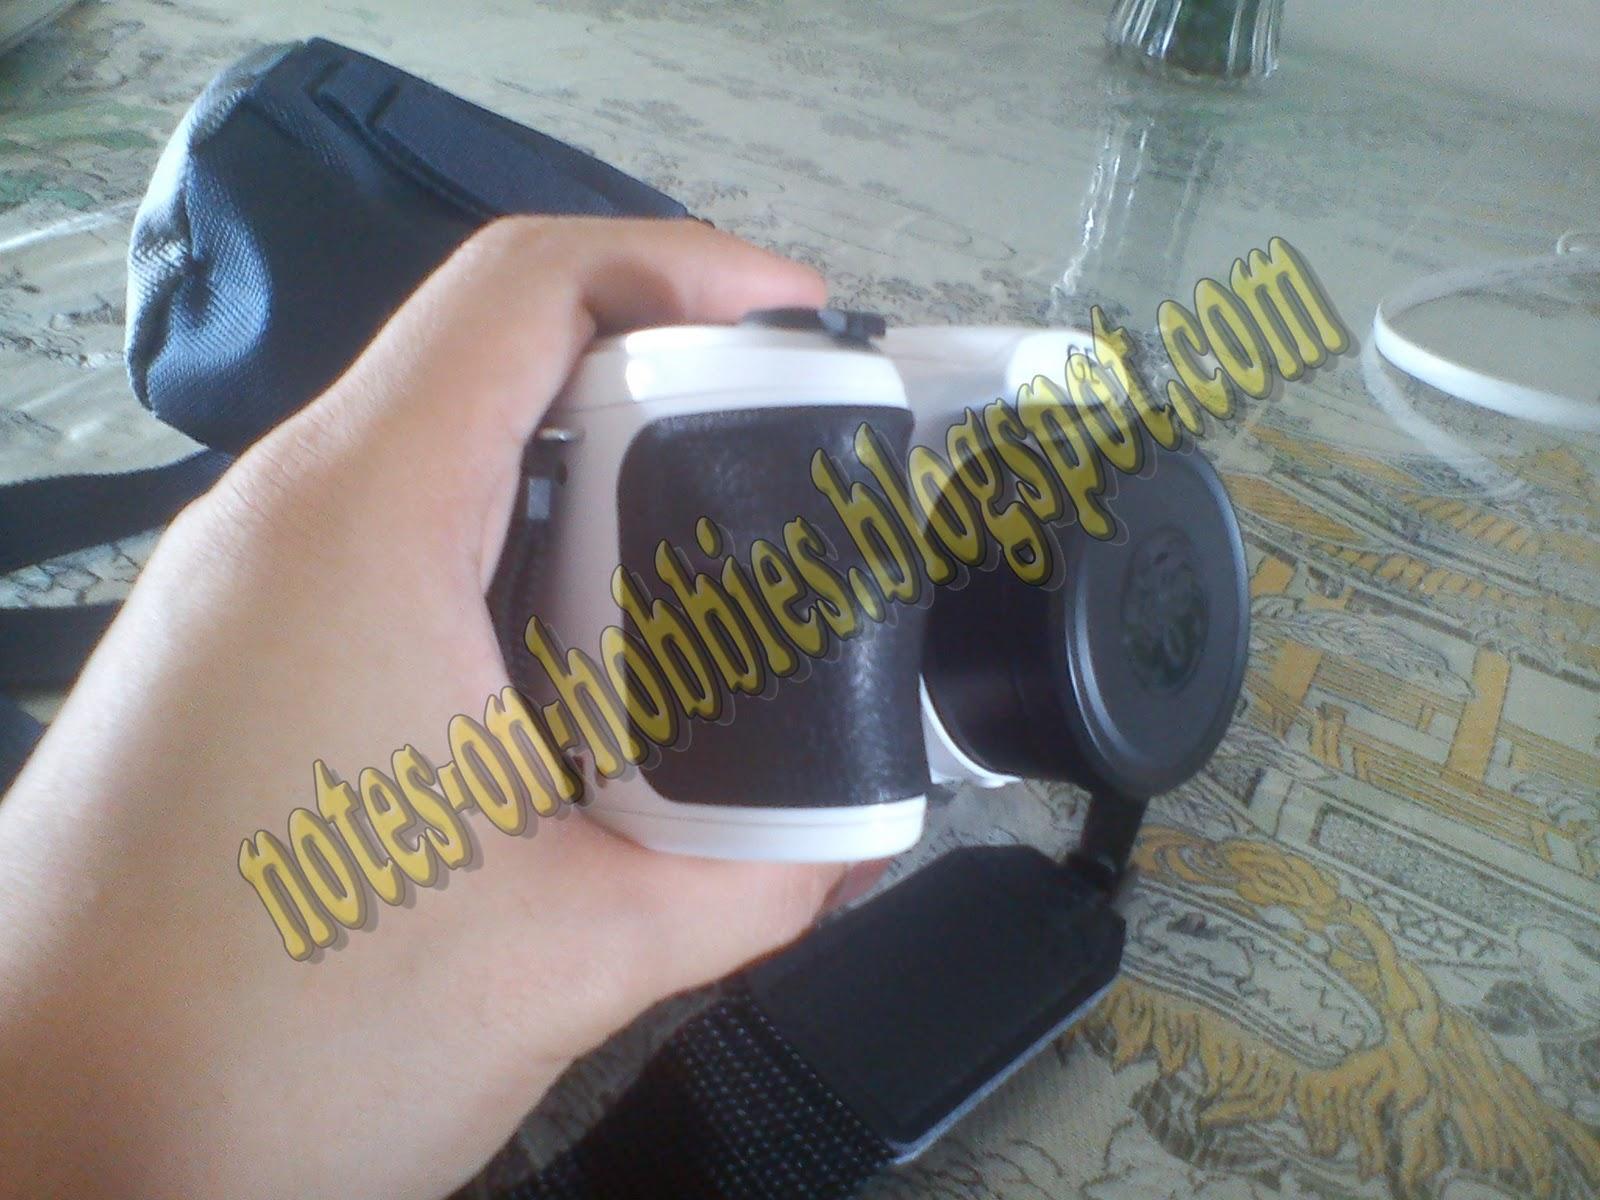 http://4.bp.blogspot.com/-J-L0hXUTfAo/TWRSNlJVkzI/AAAAAAAAALc/O3N-J60e6sE/s1600/xperia%2Bx8%2Bcamera%2Bsa%2B2.jpg